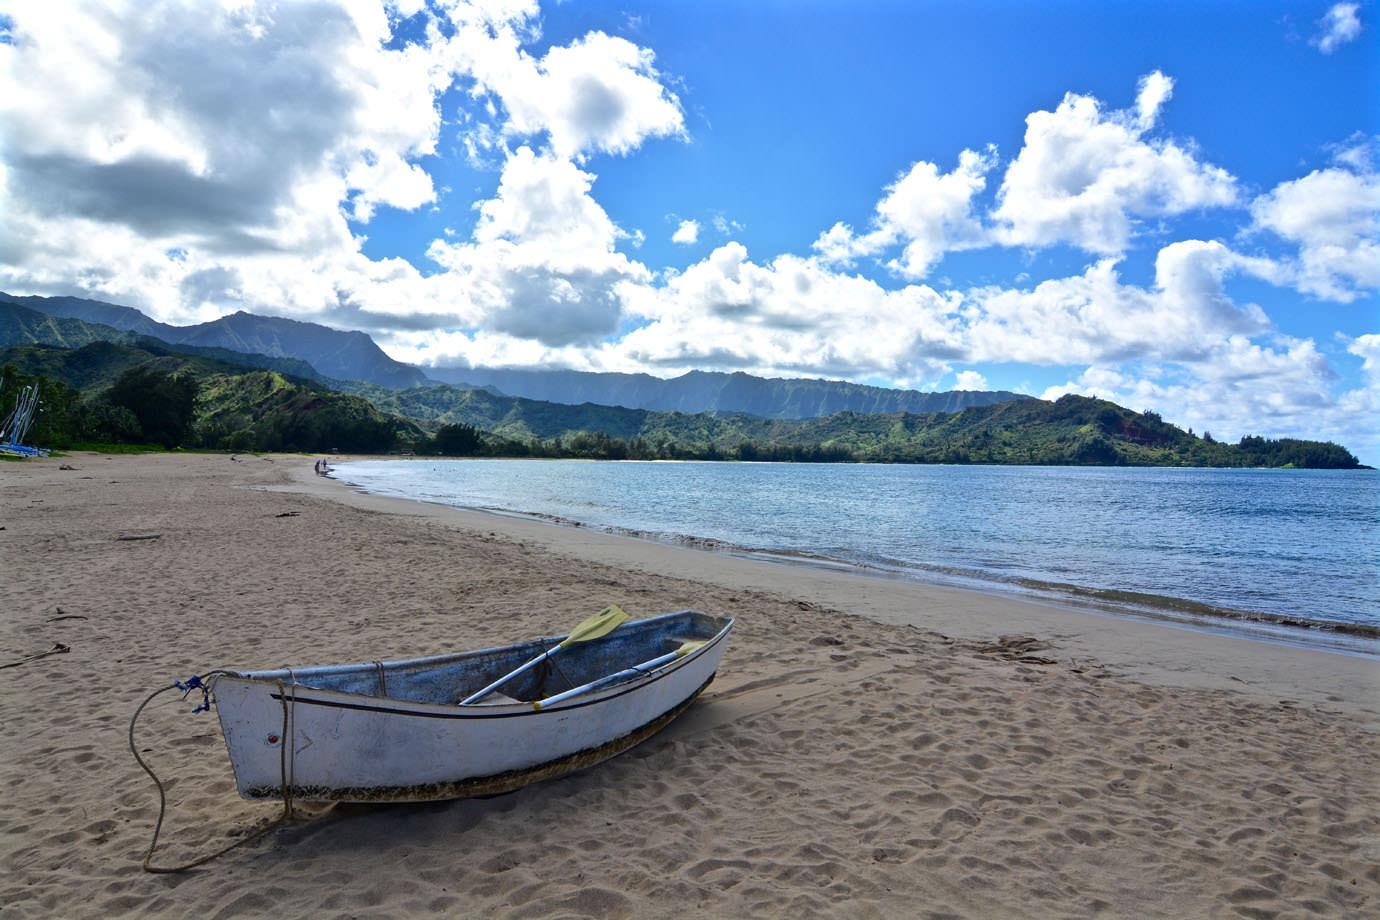 Boat at Hanalei Bay